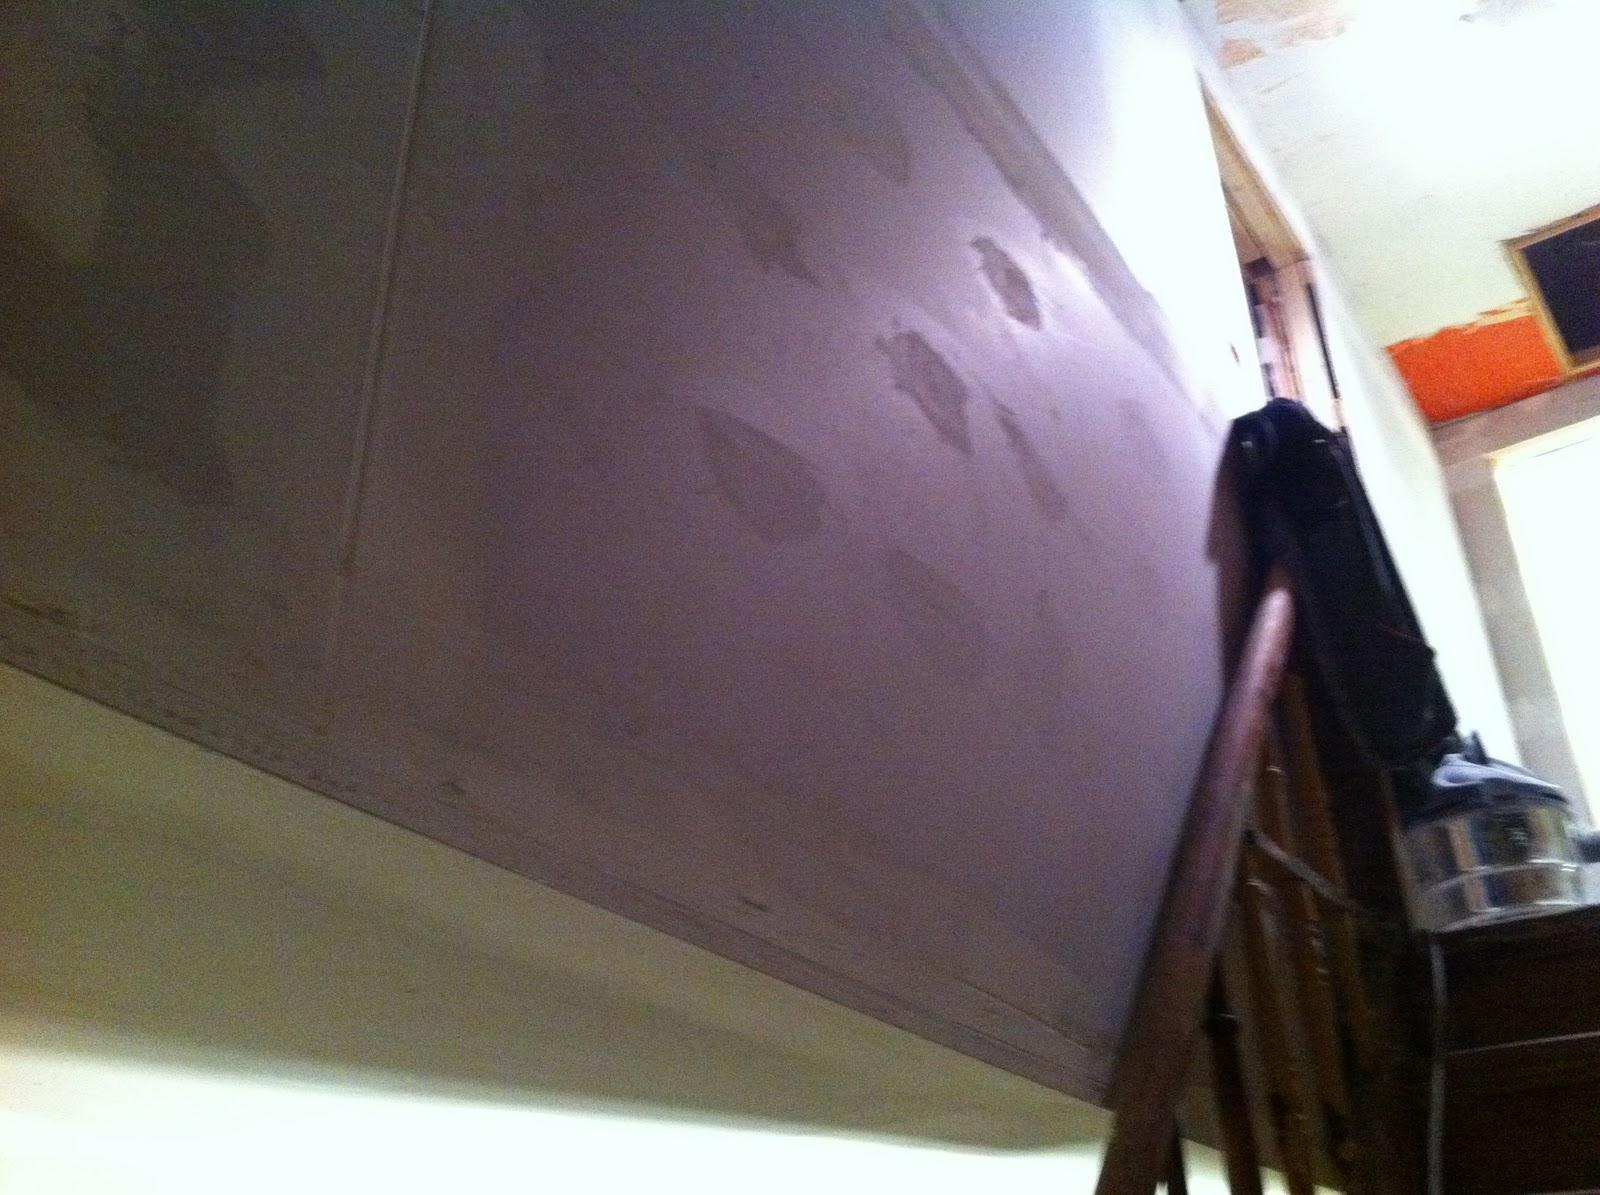 abenteuer renovierung bad es geht weiter. Black Bedroom Furniture Sets. Home Design Ideas